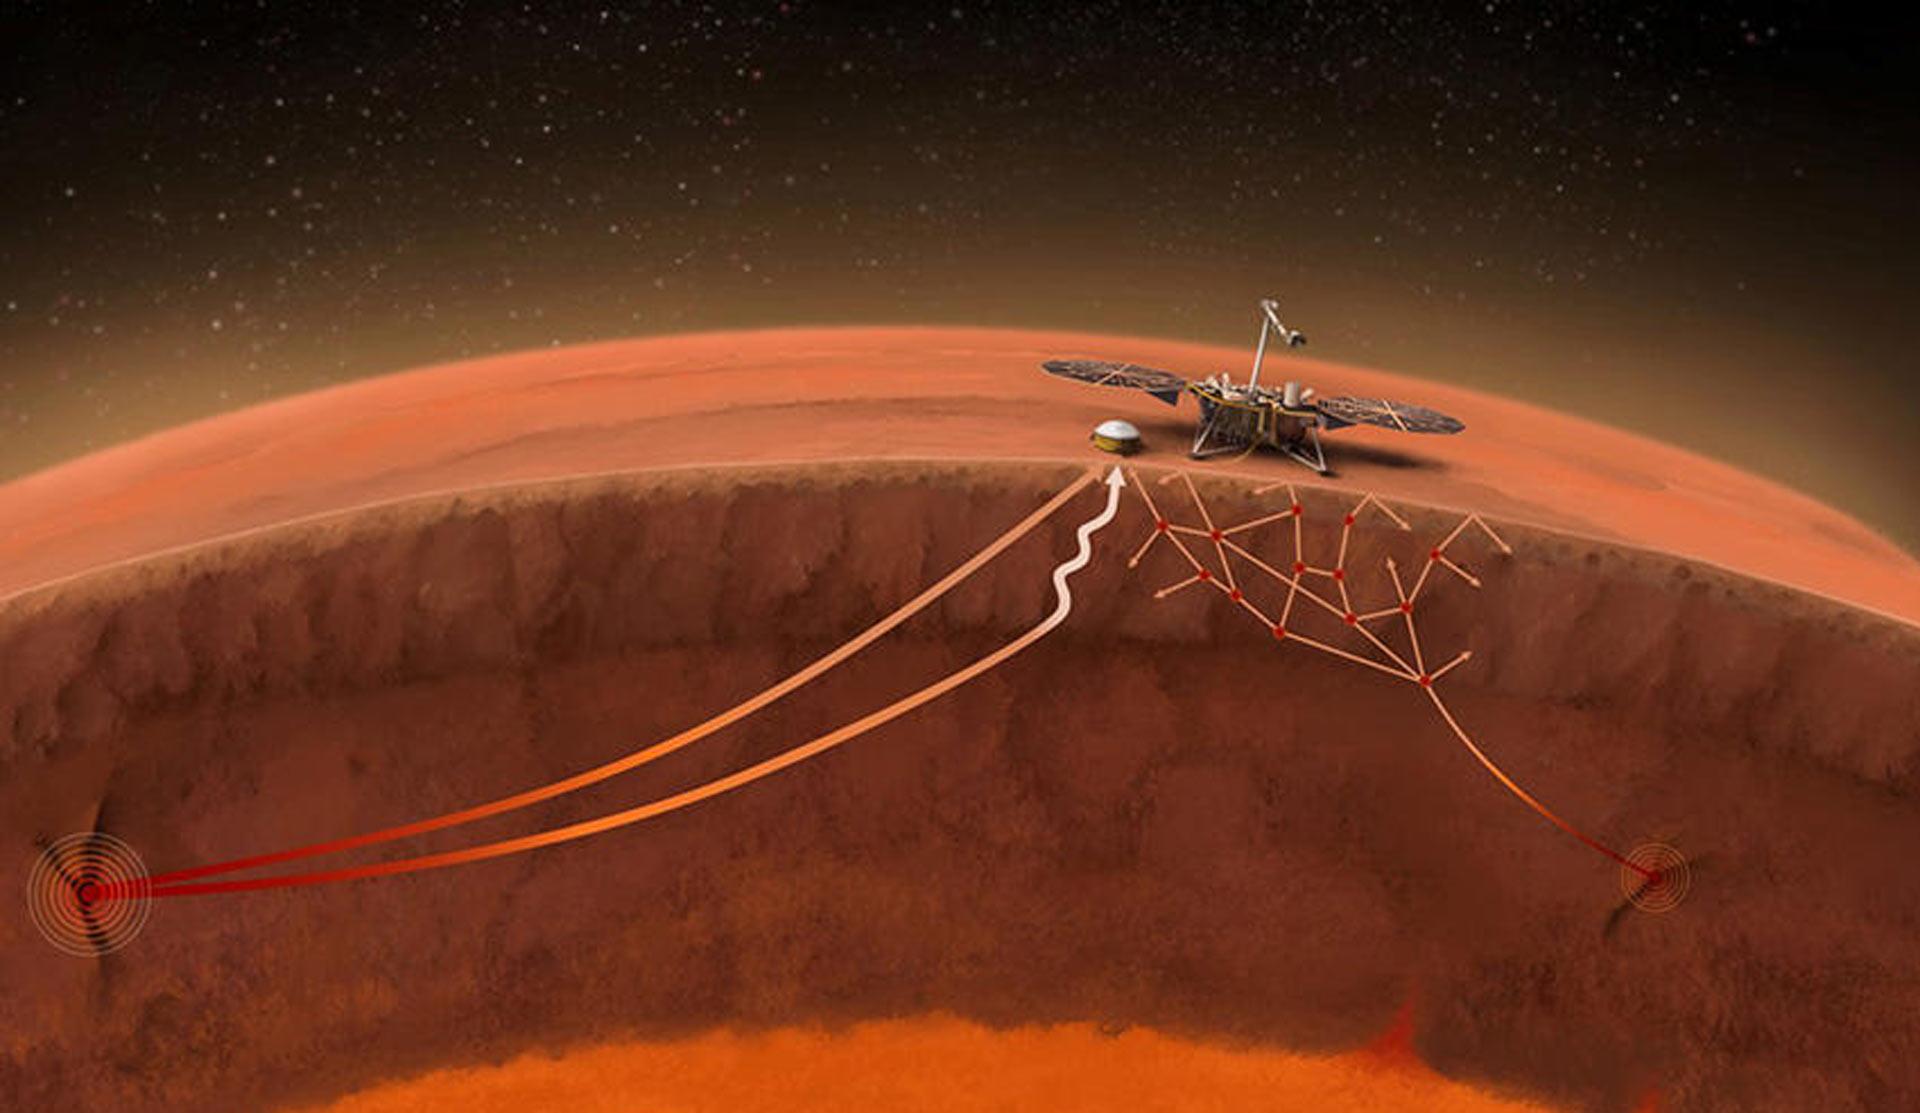 Сейсмостанция InSight определила толщину коры иразмеры ядра Марса